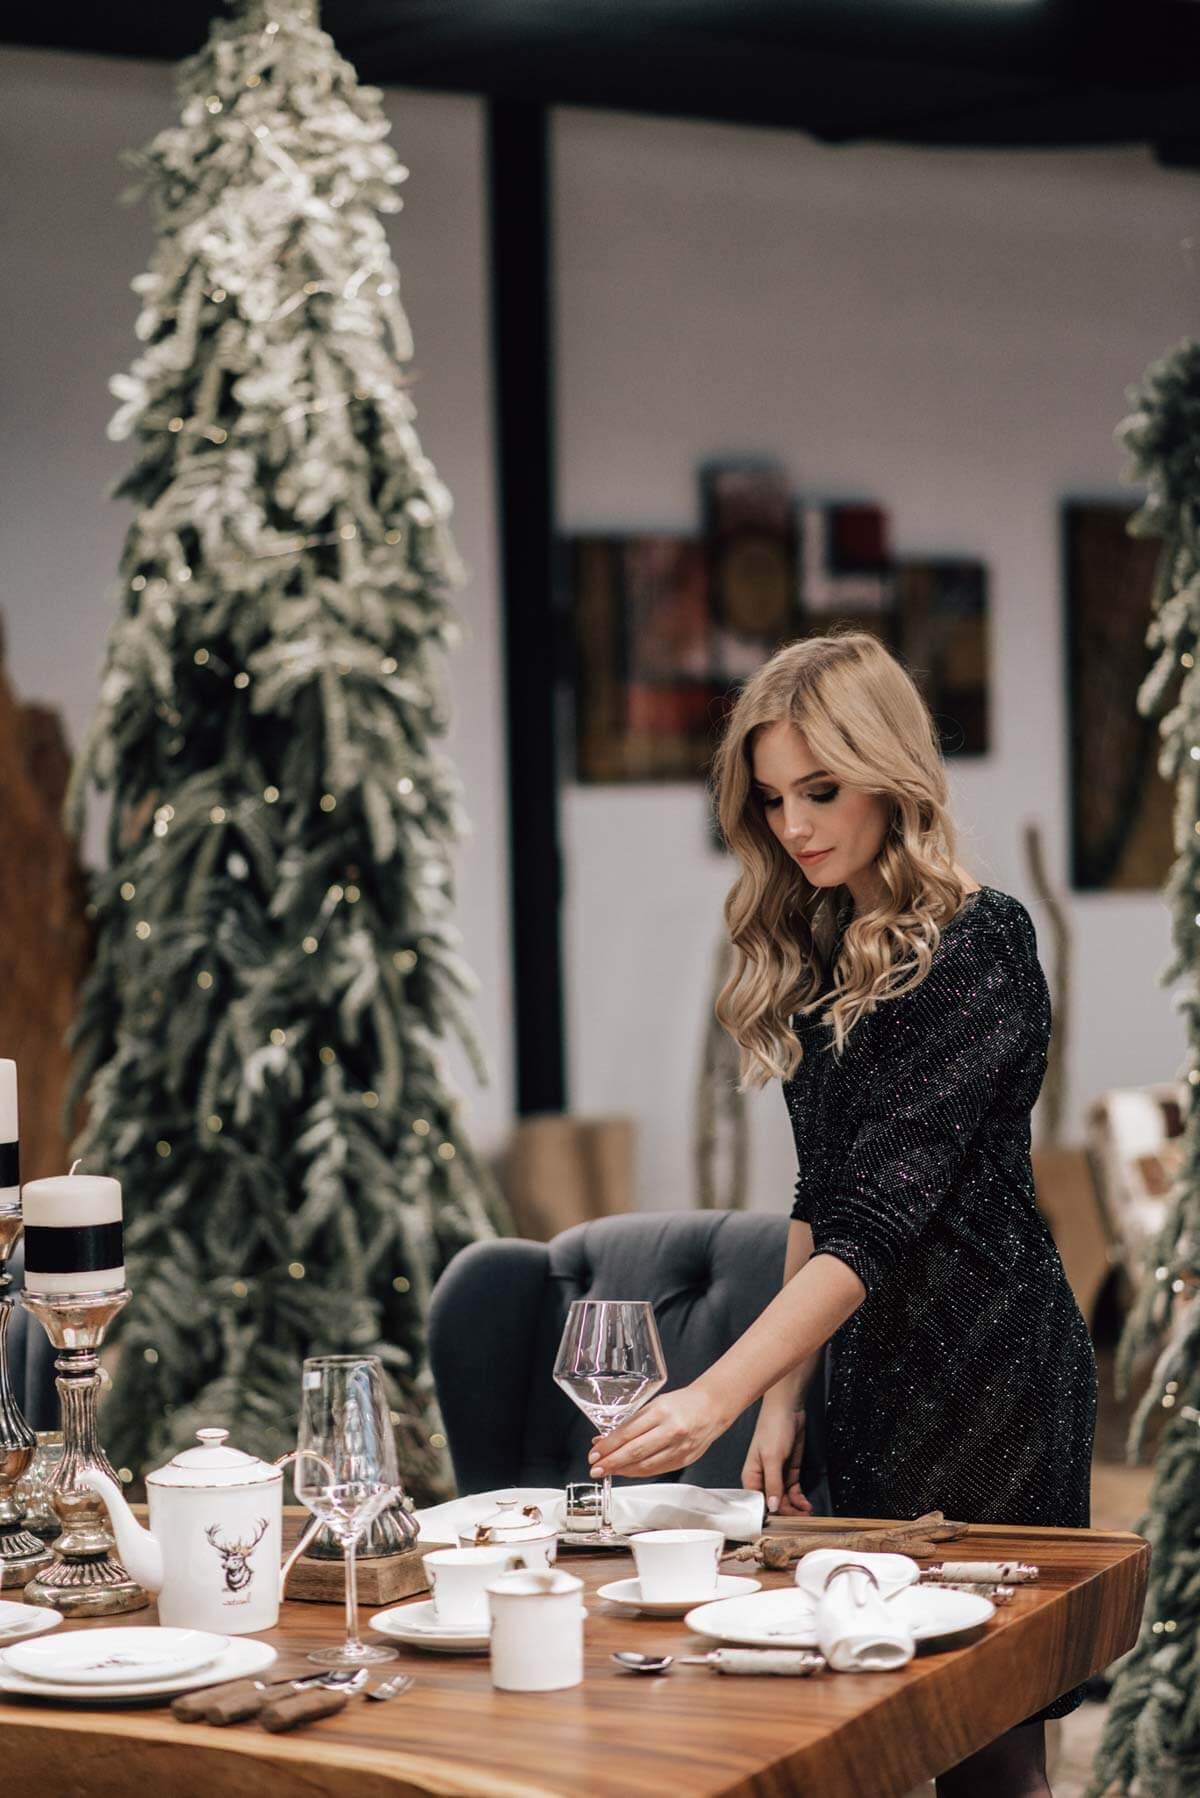 preparing Christmas table